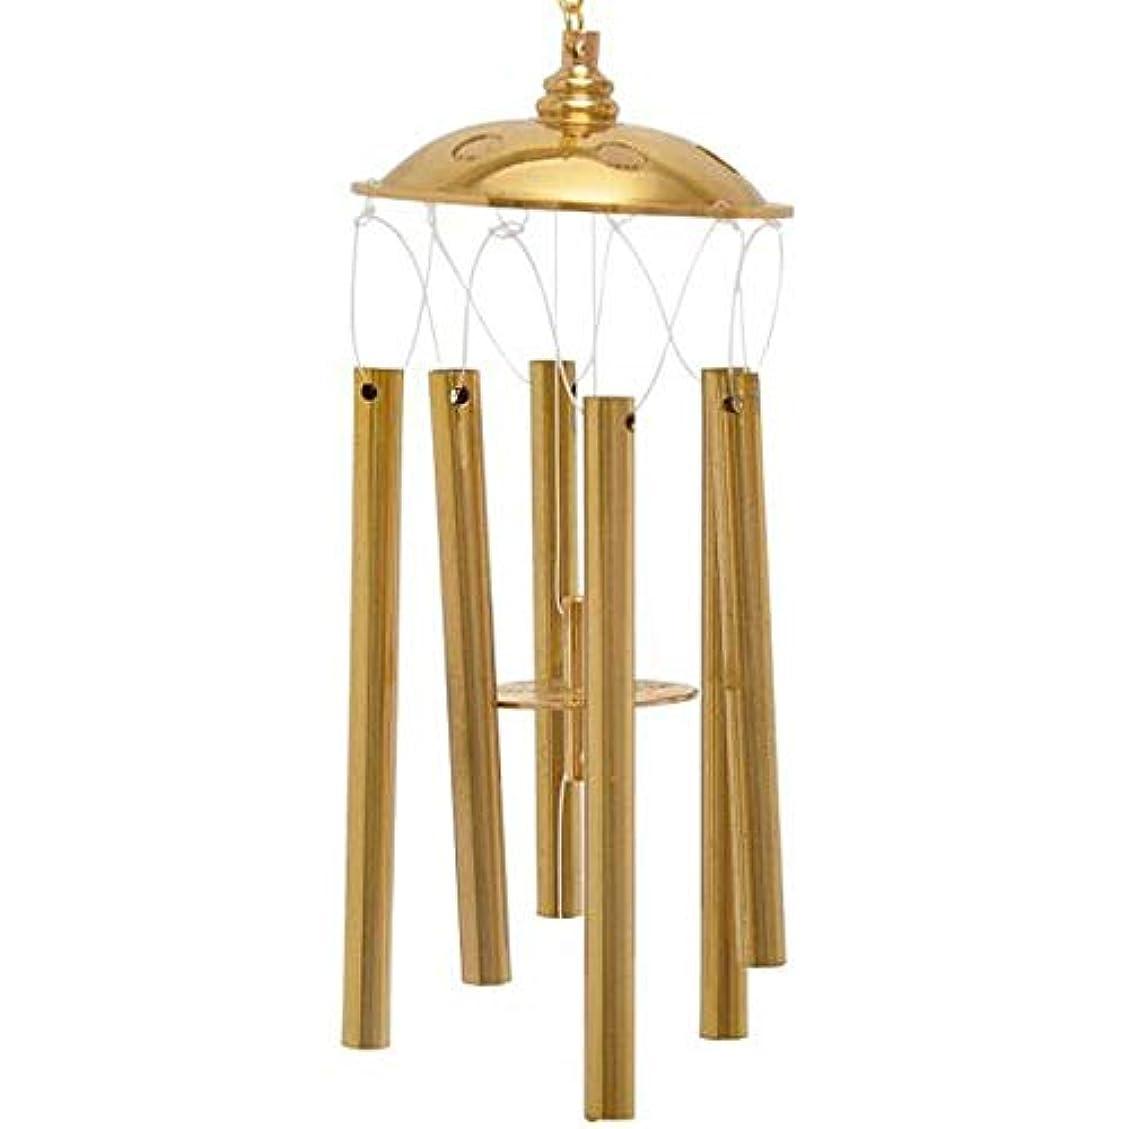 活性化するコーヒーちっちゃいHongyuantongxun 風チャイム、真鍮ホームデコレーション6チューブ風の鐘、ゴールド、全長約22CM,、装飾品ペンダント (Size : 36cm)